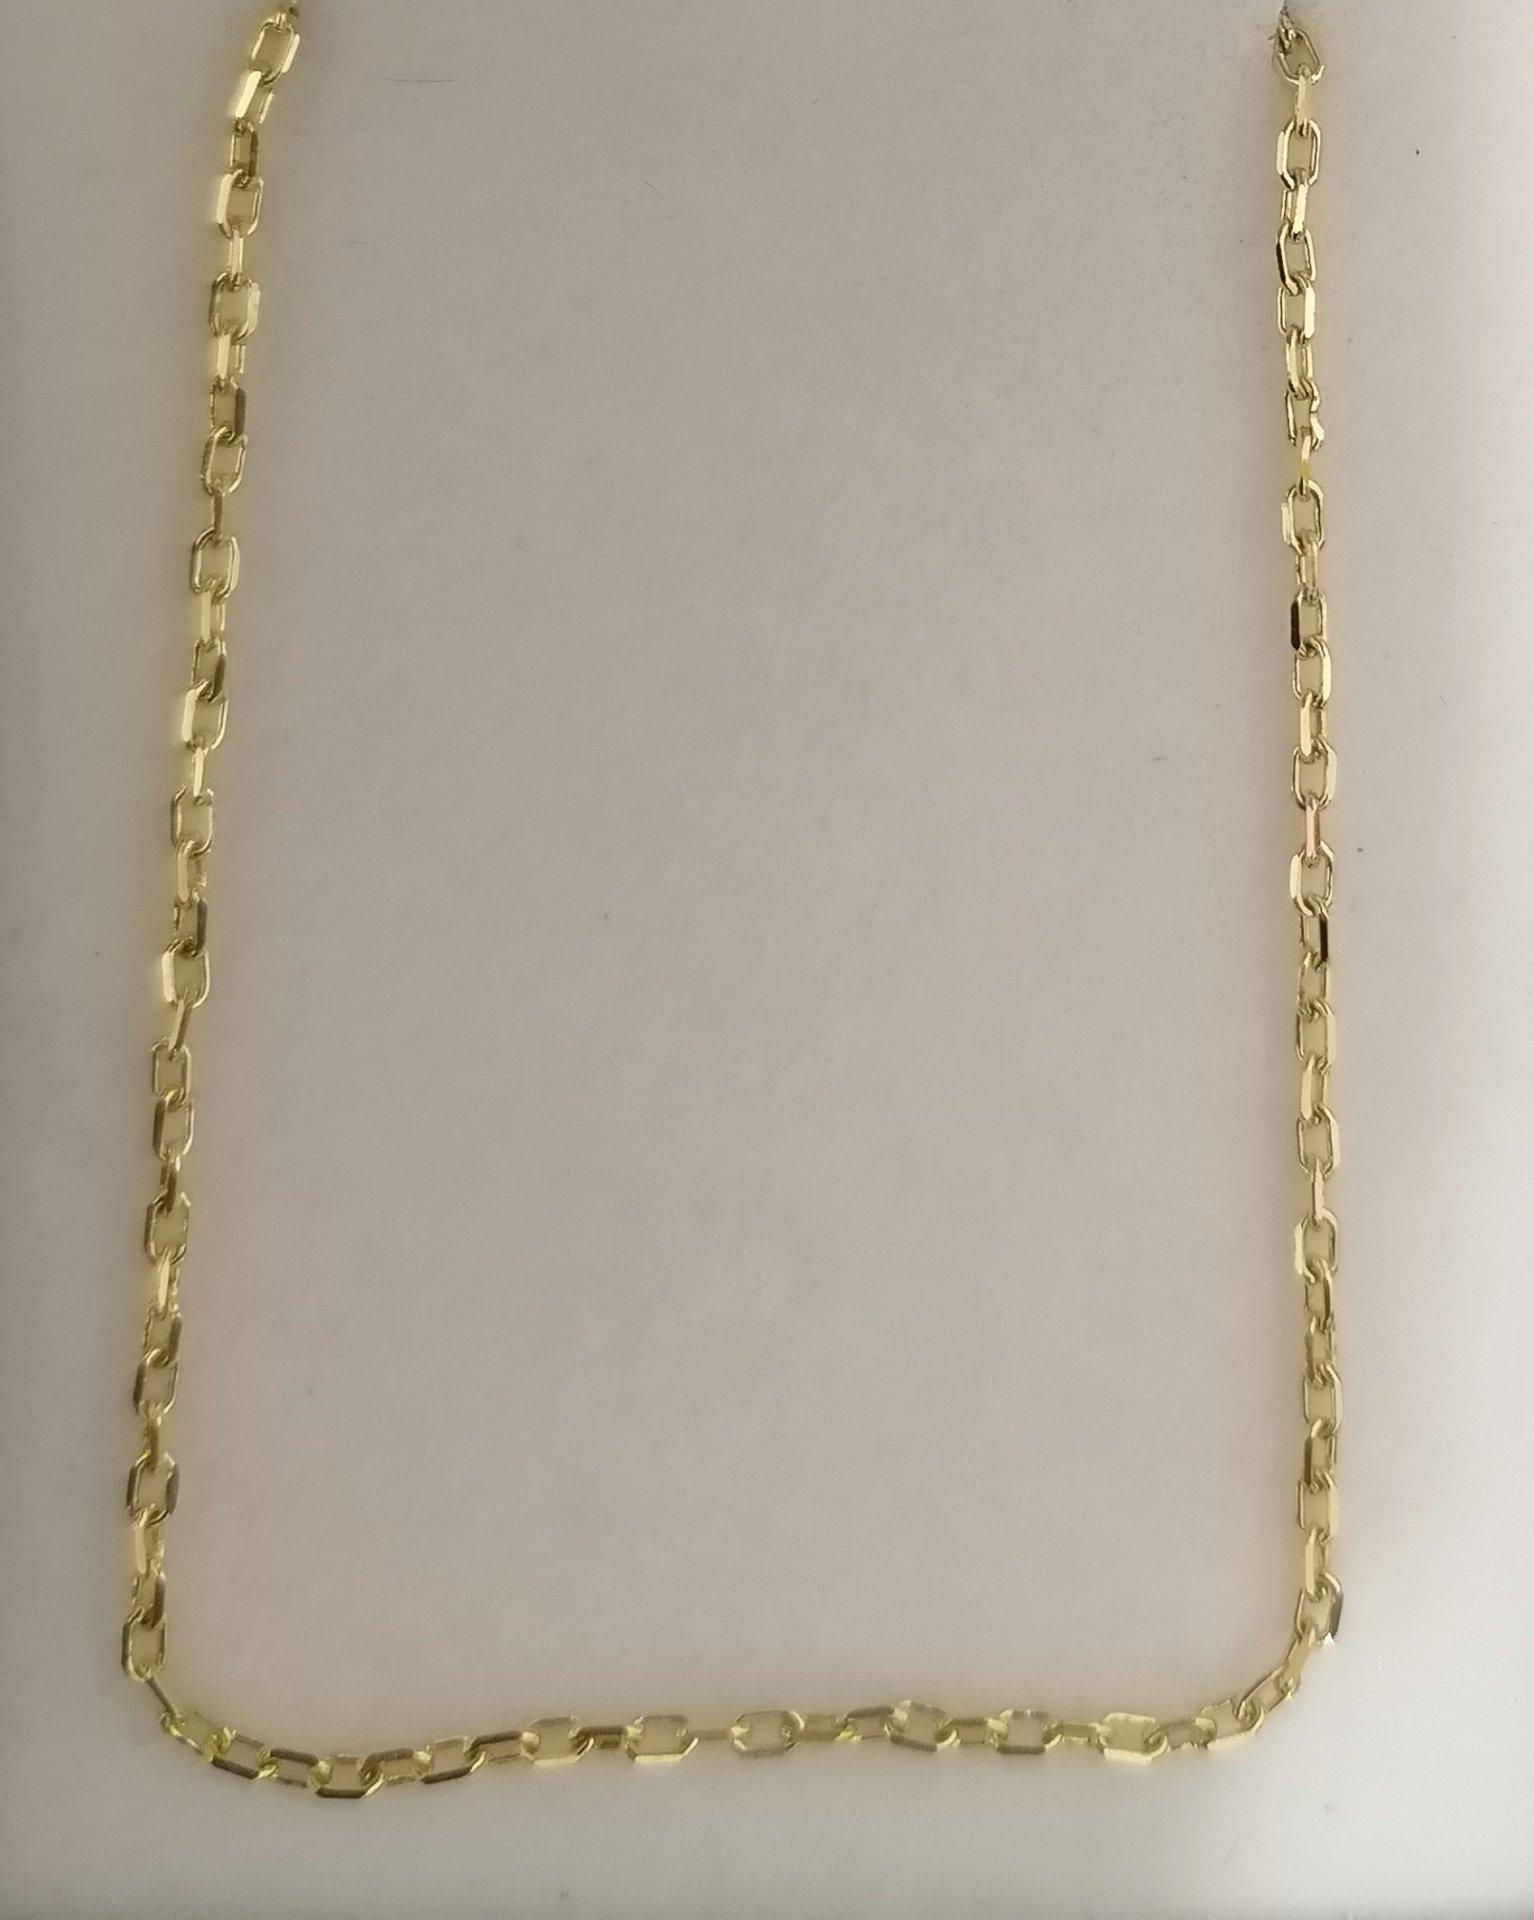 Cadena de oro forzada en 50 cm